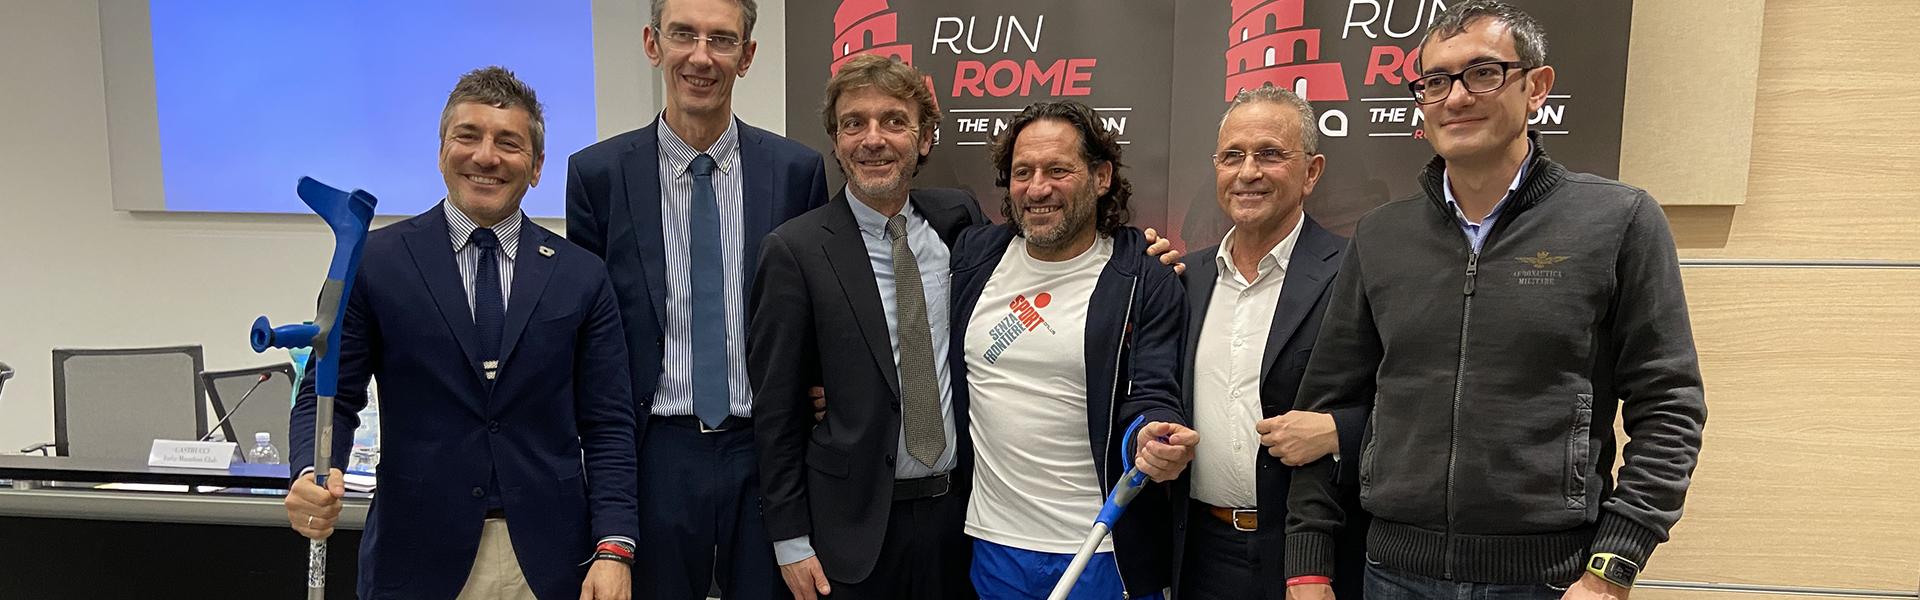 Staffetta Acea Run4Rome Solidale: Onlus e distanze